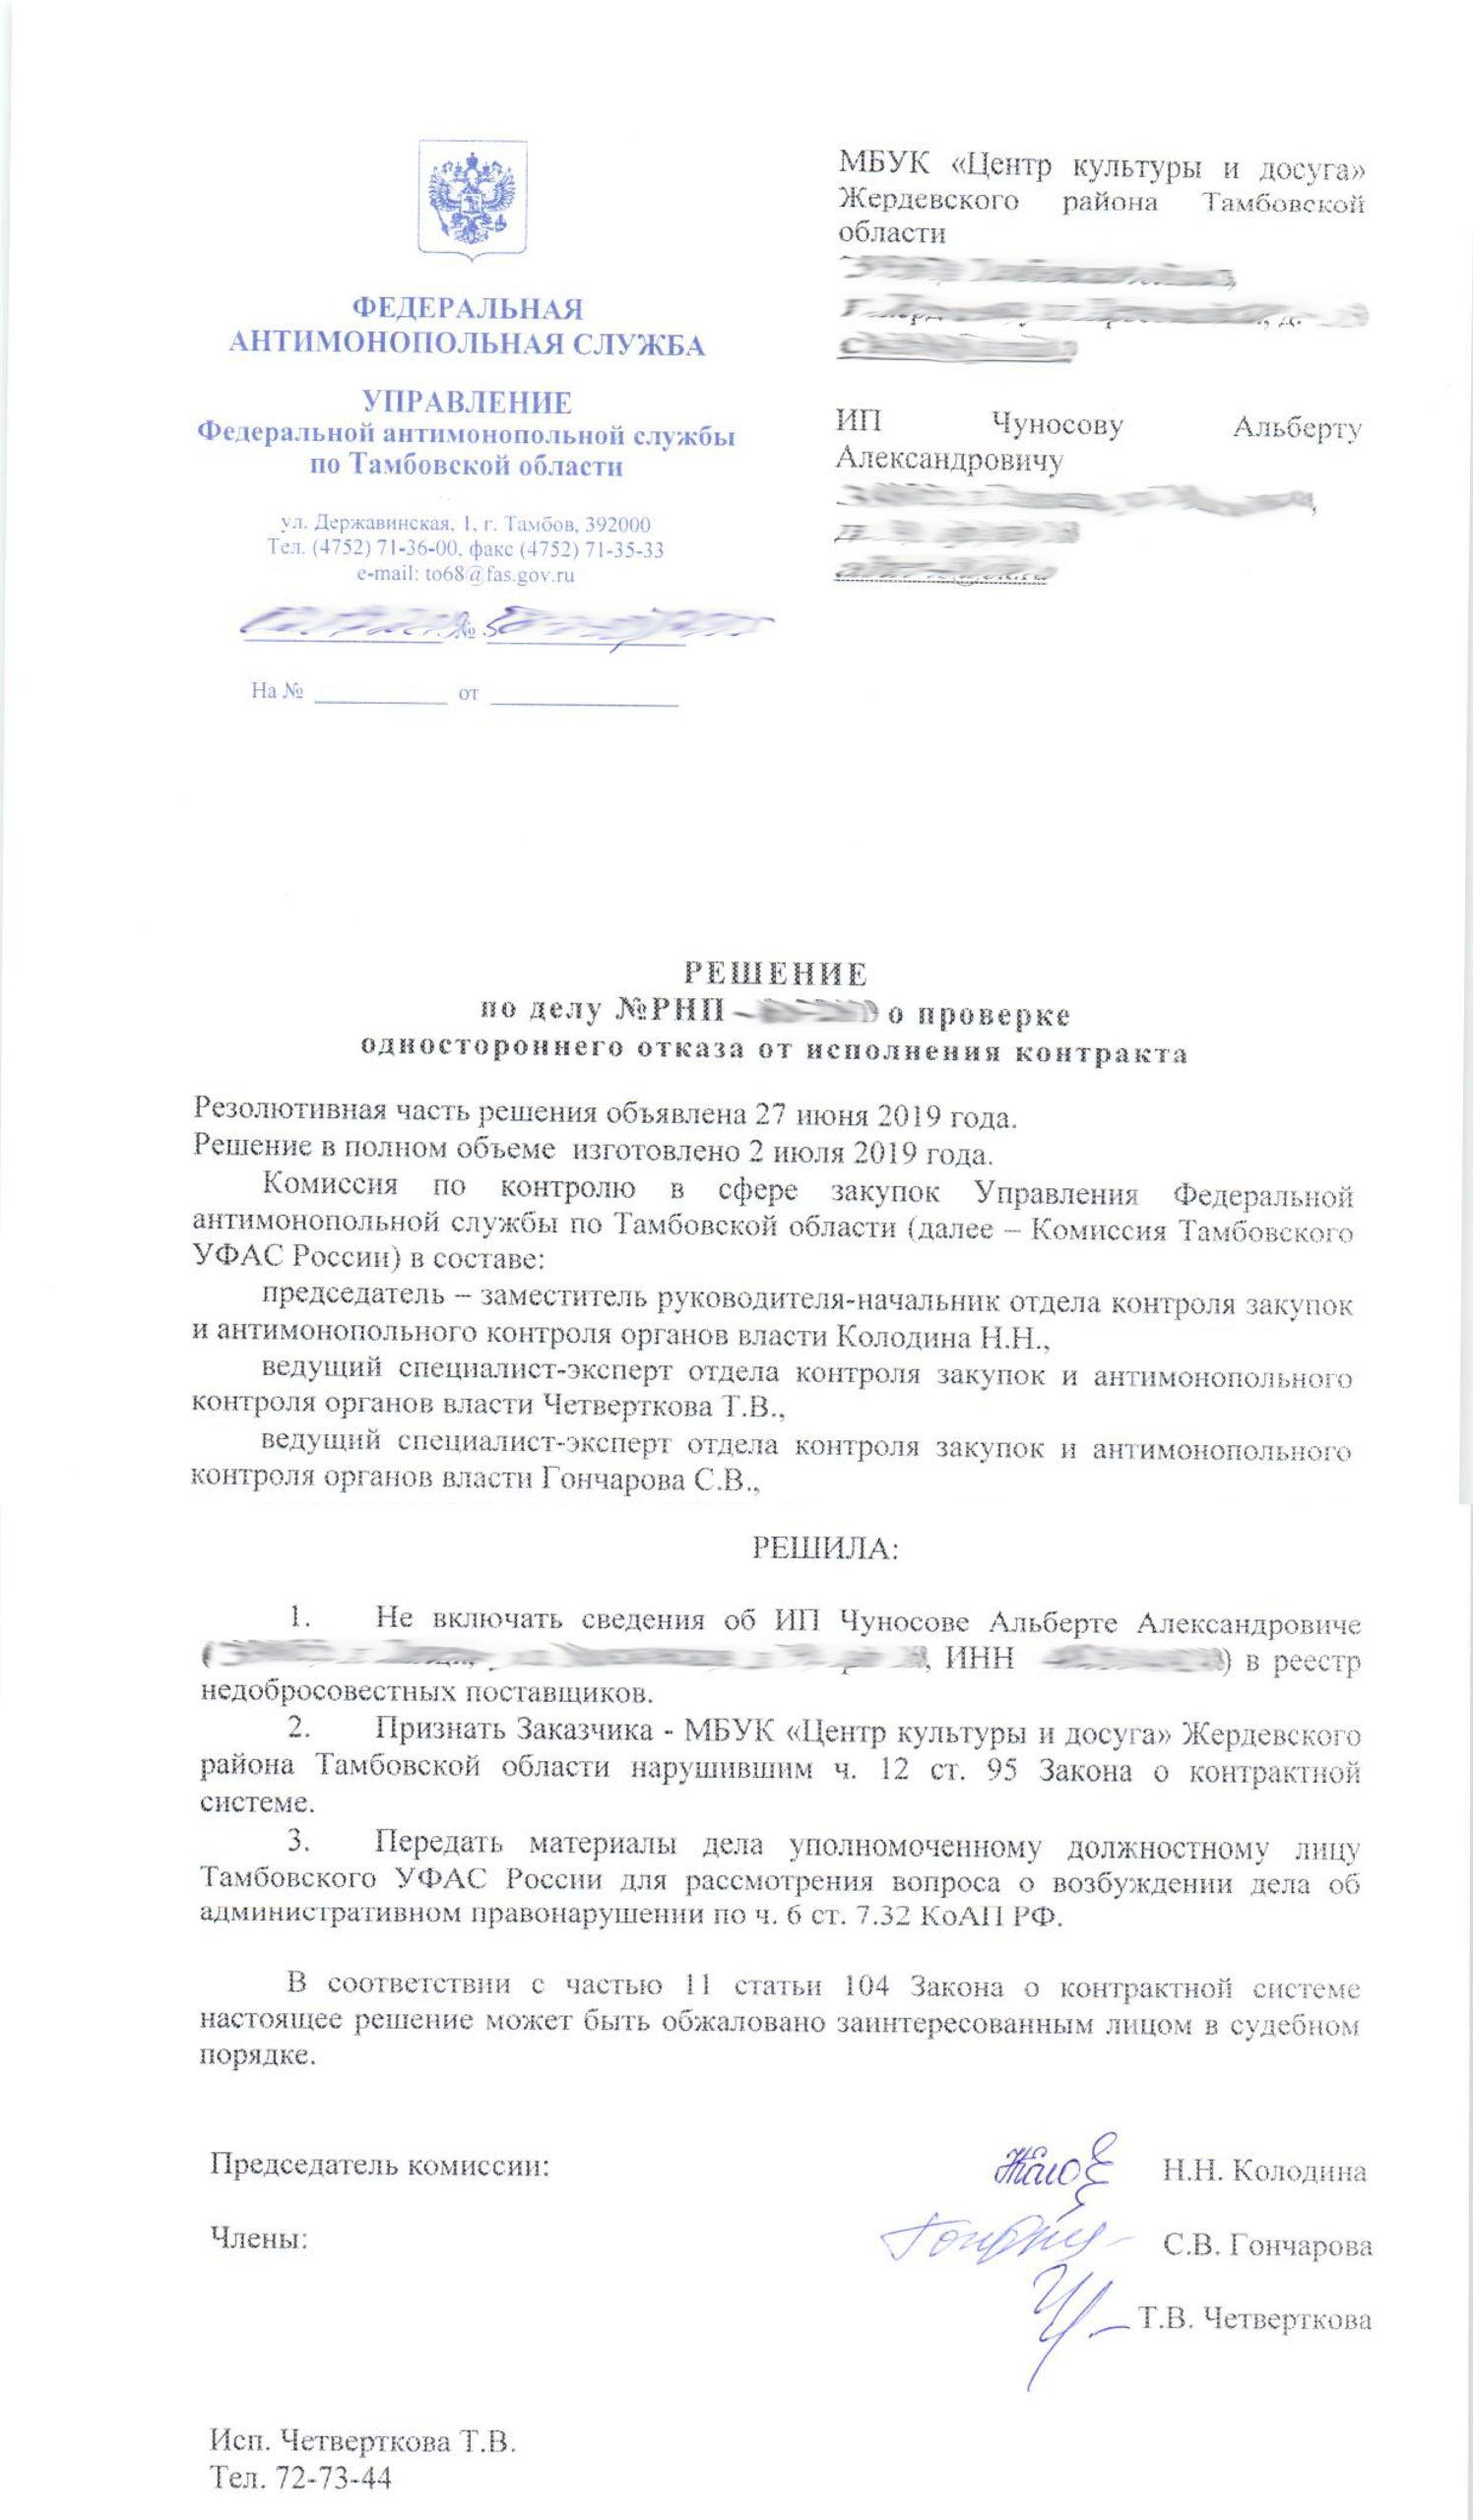 Тамбовское УФАС ИП Чуносов